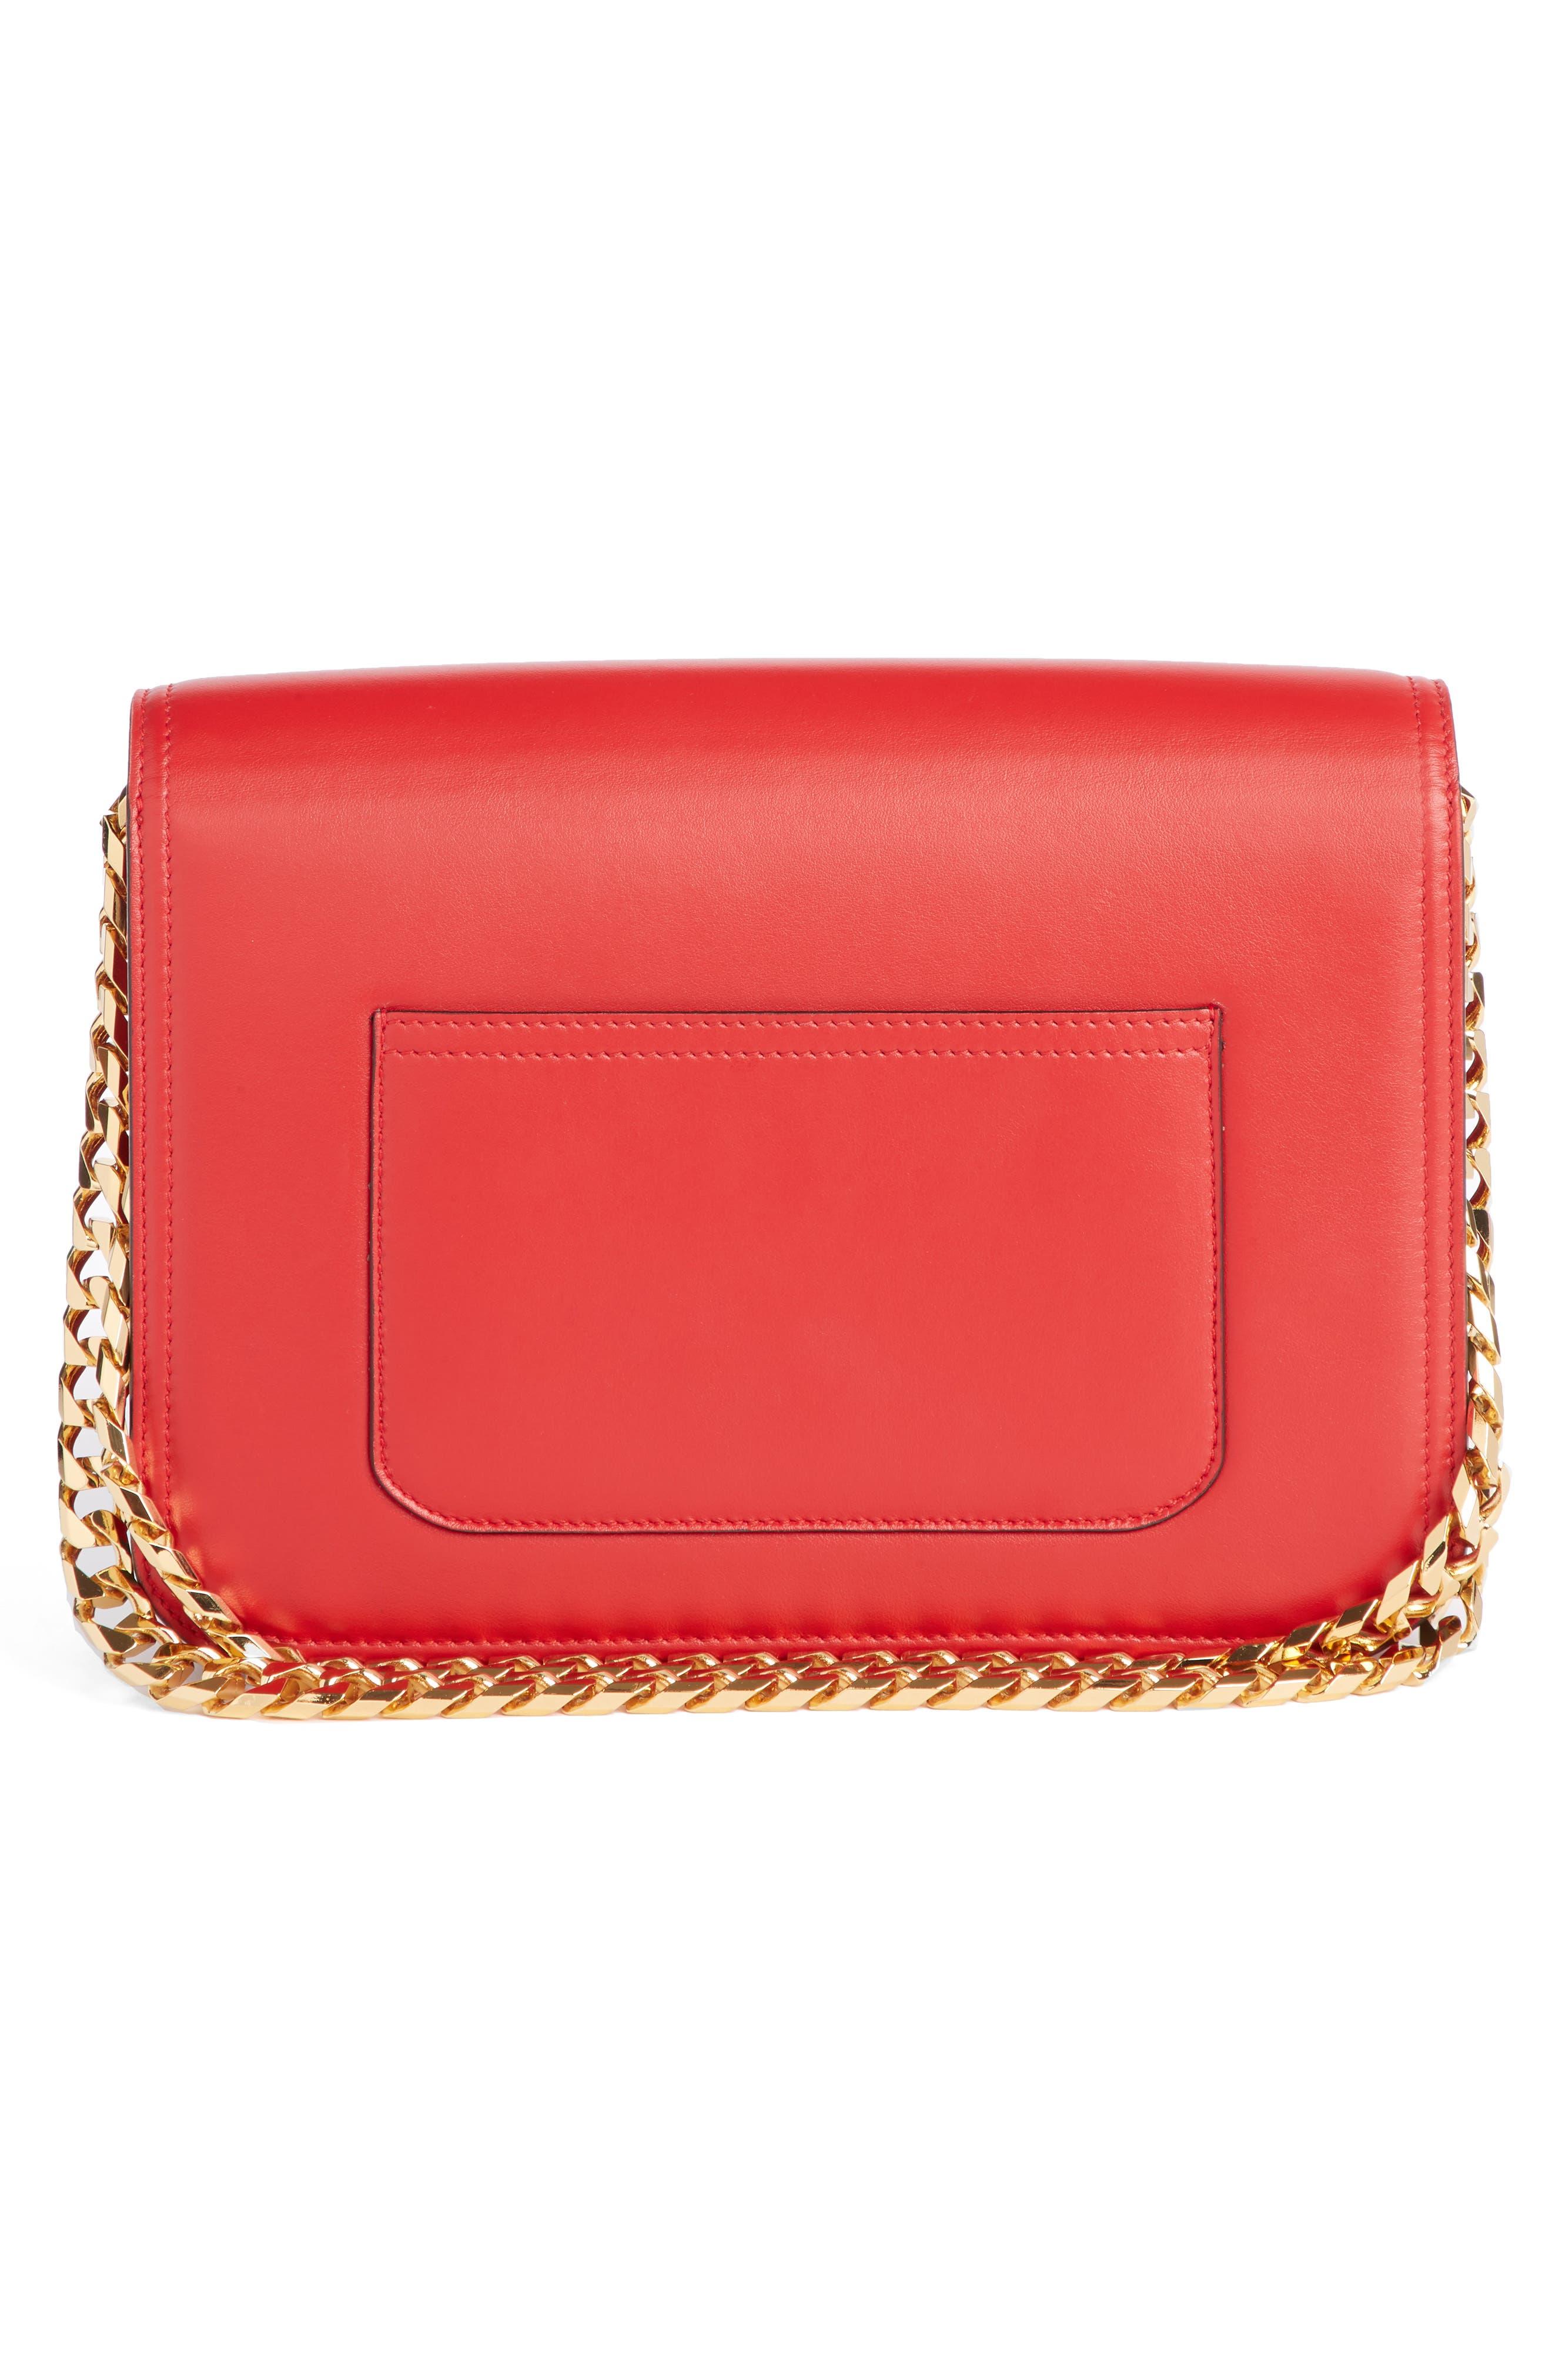 VICTORIA BECKHAM, Eva Leather Shoulder Bag, Alternate thumbnail 3, color, RED